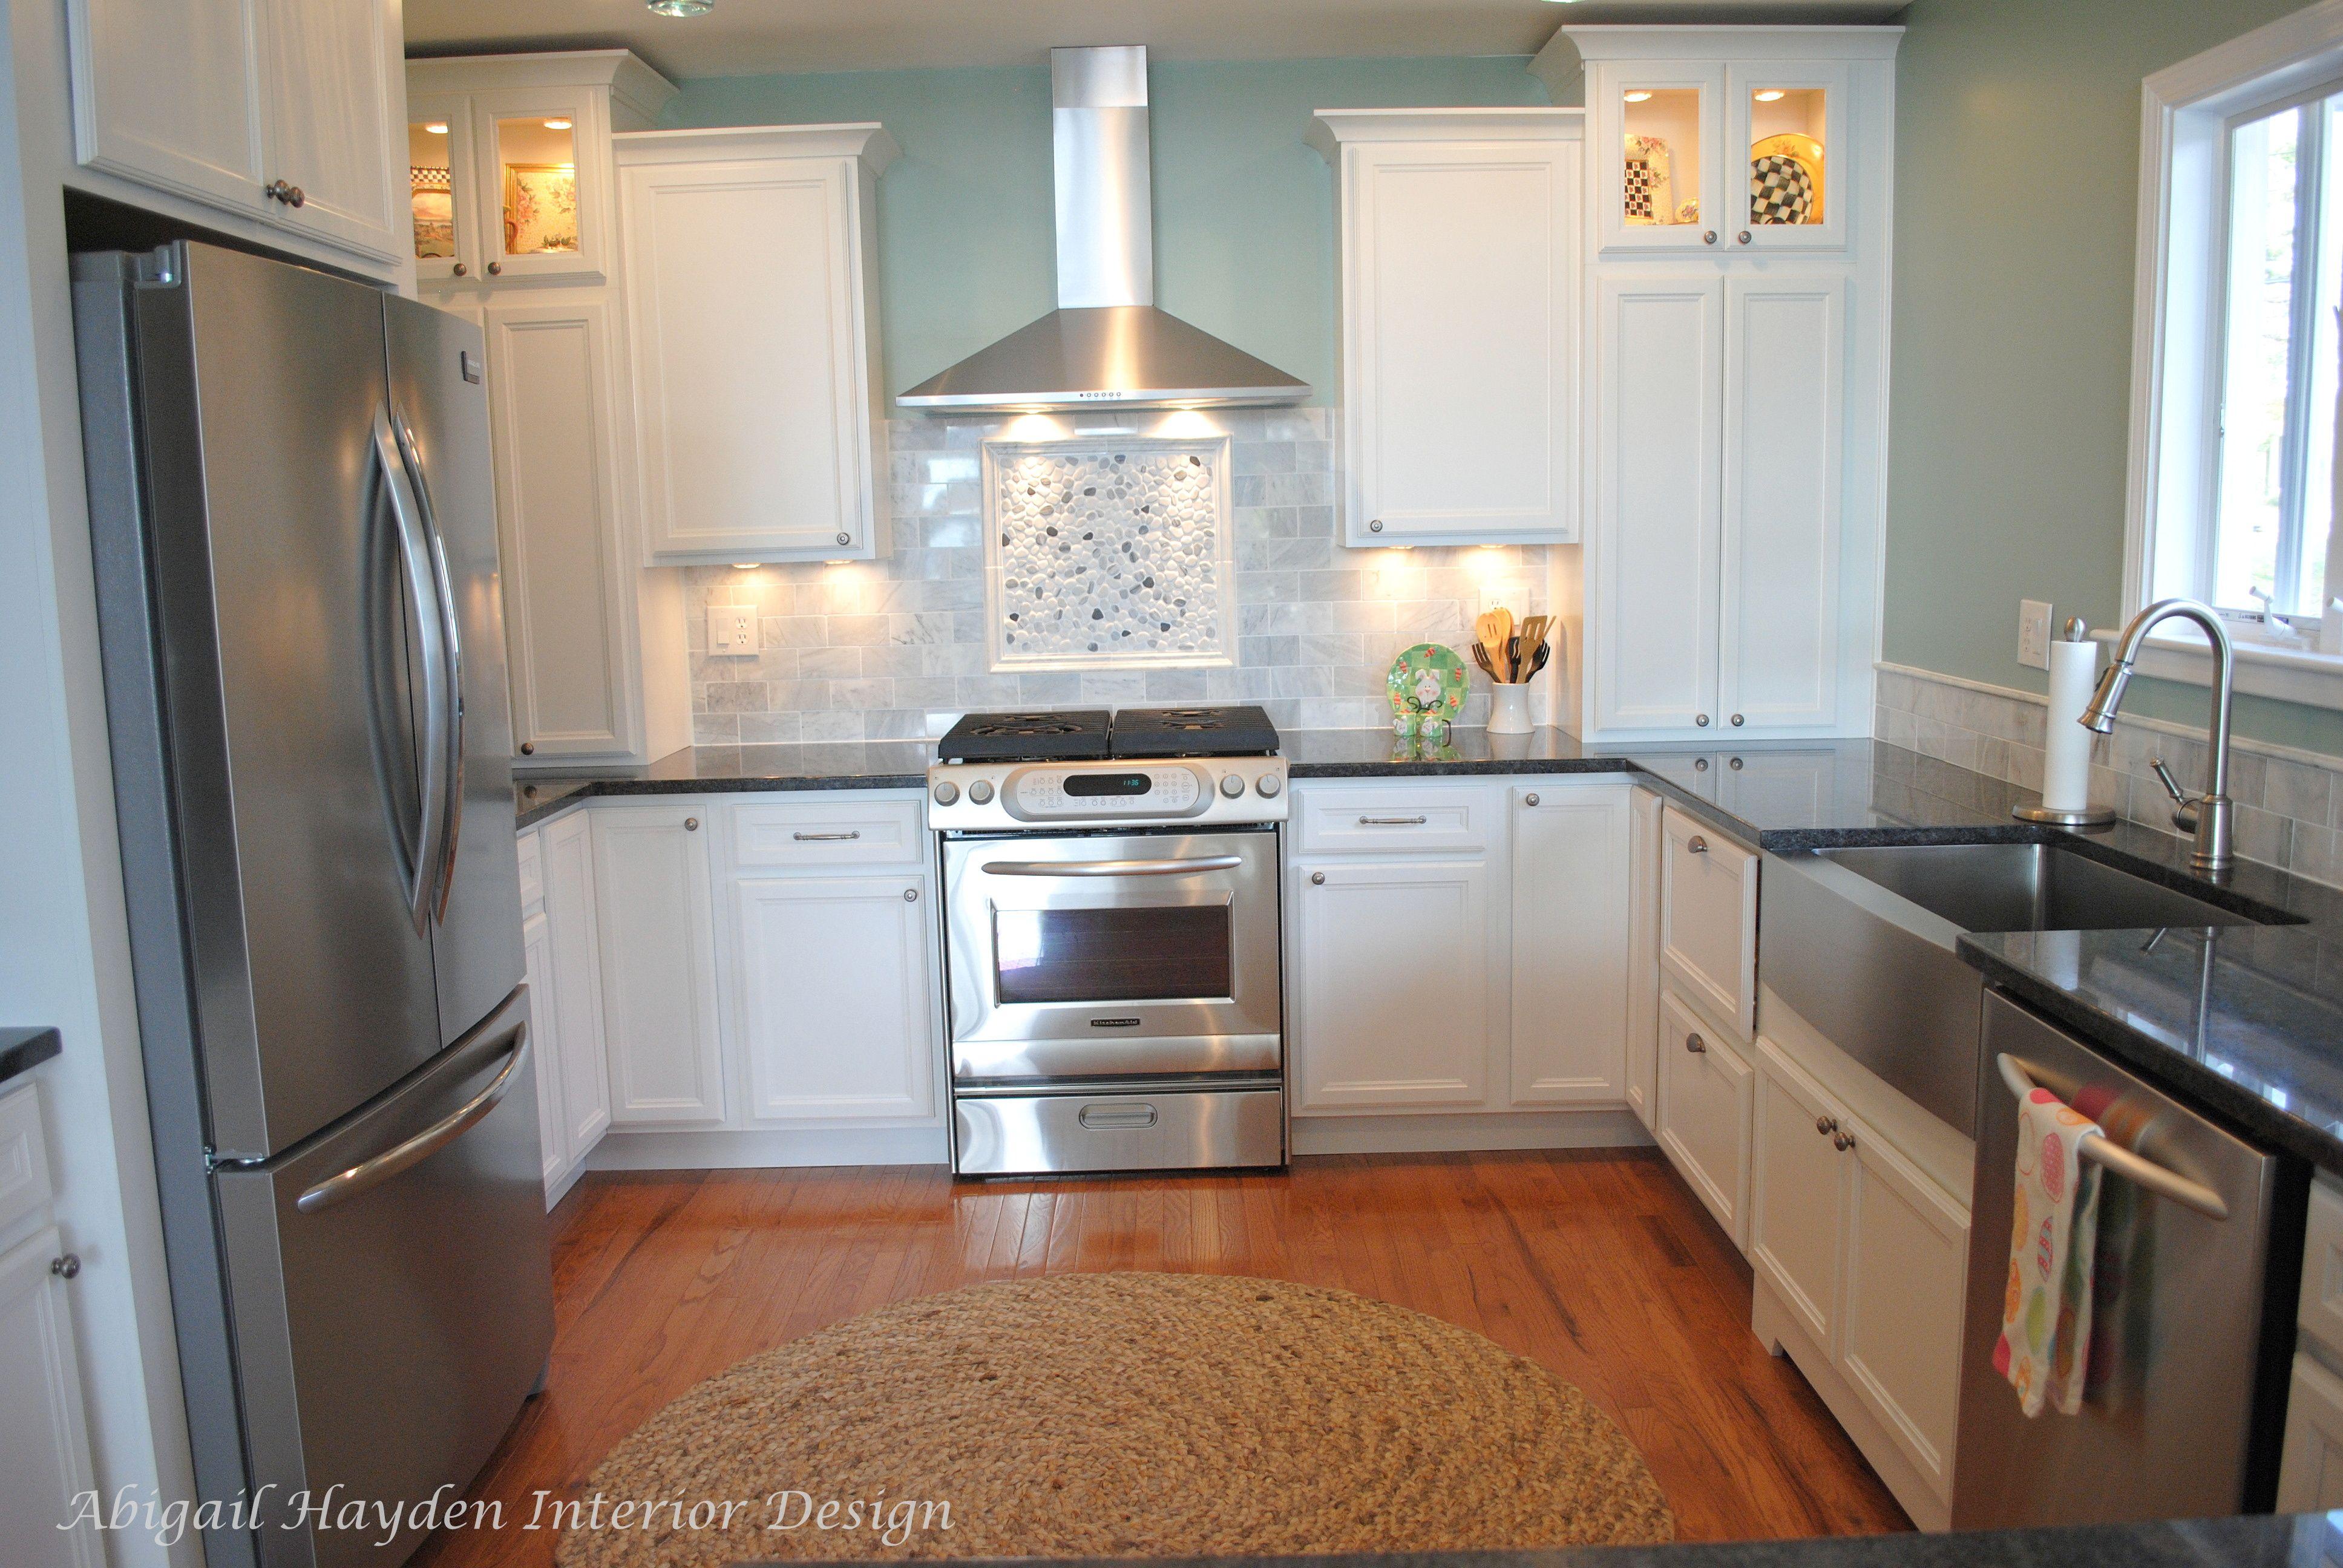 Lake house kitchen donna pinterest Kitchen design lake house